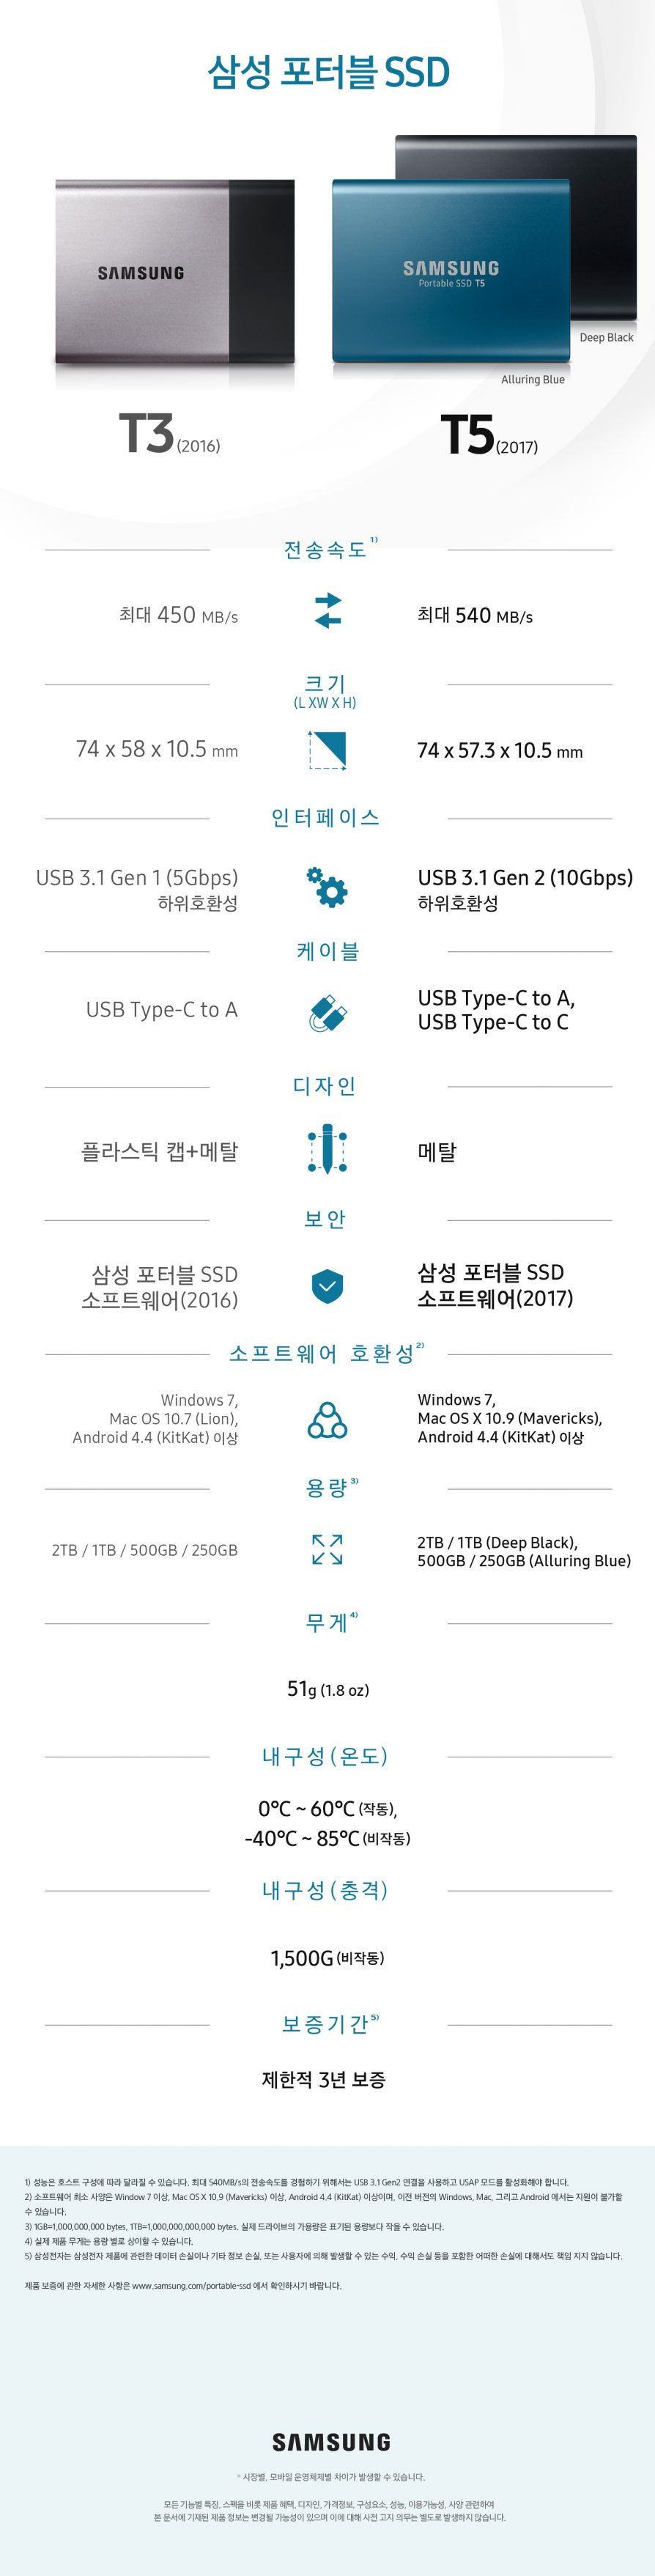 포터블 SSD T5와 전작 T3를 비교해봤습니다.